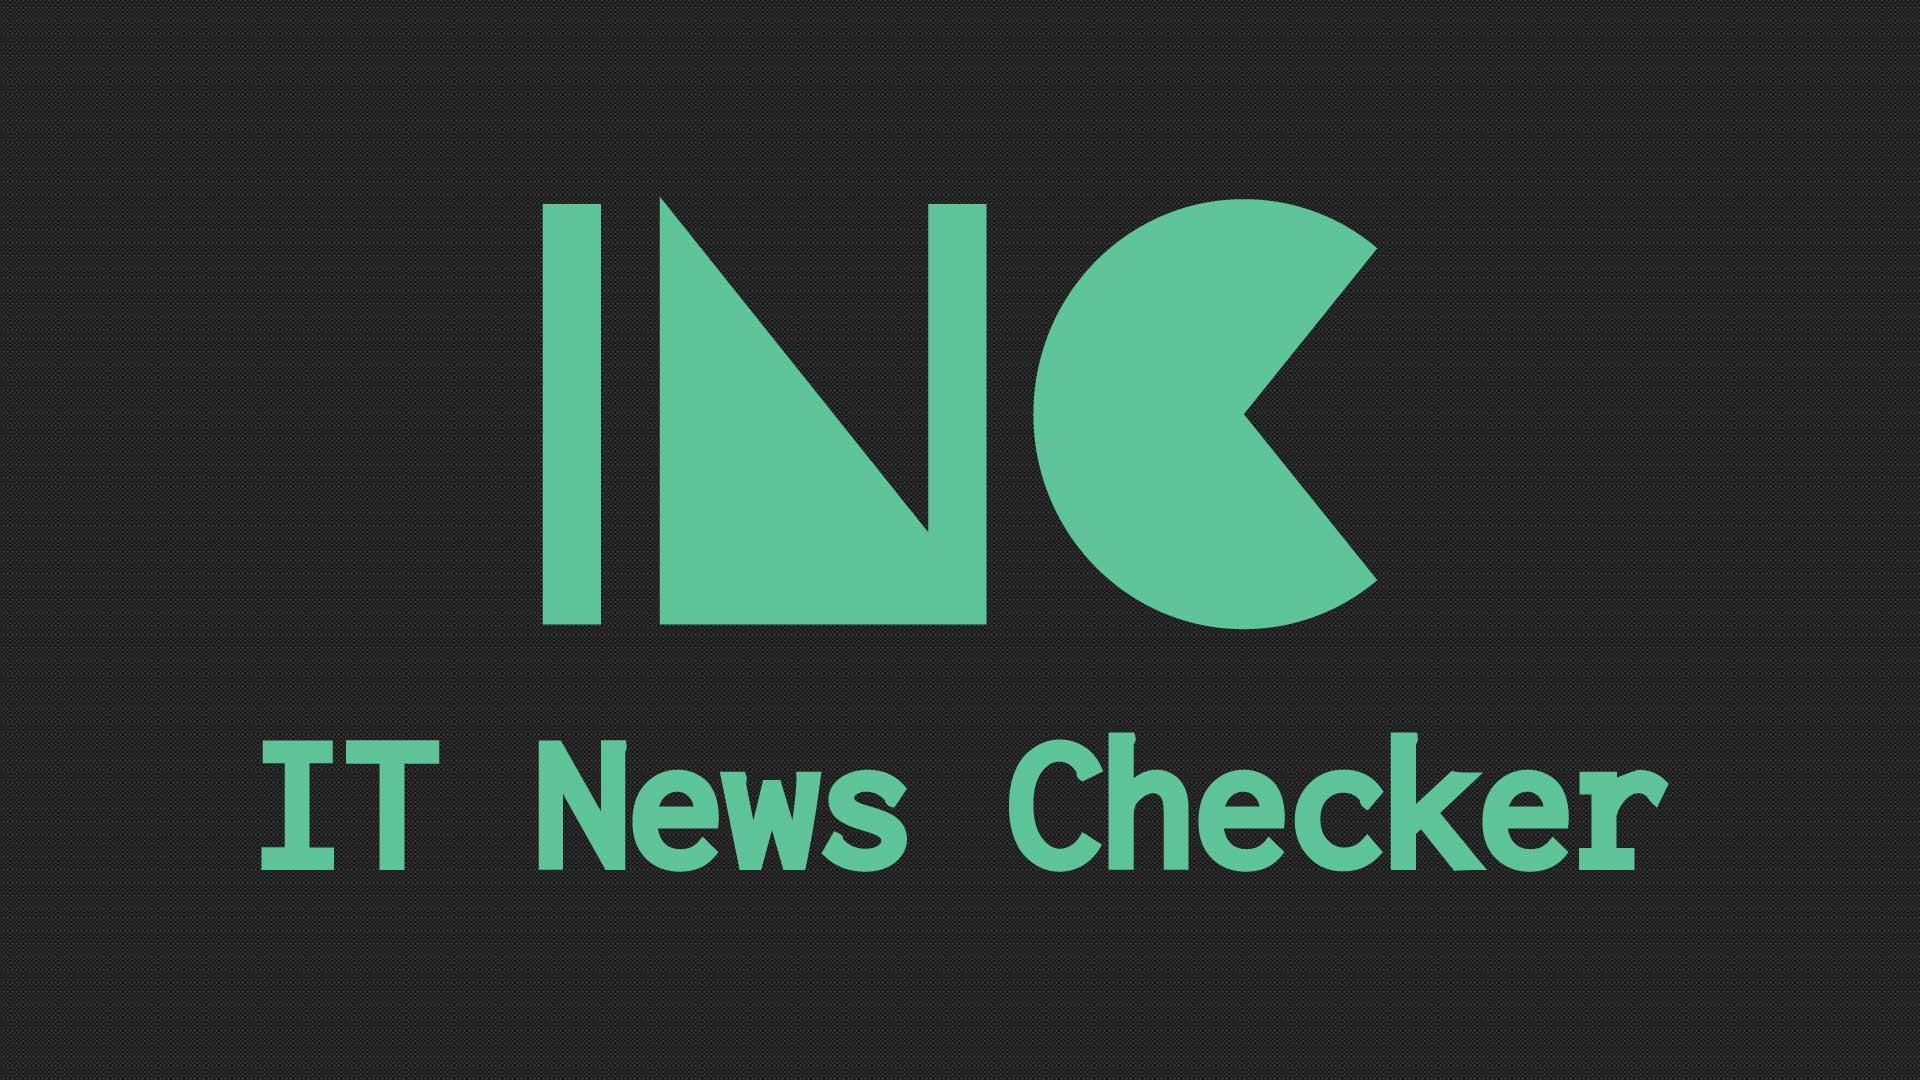 システムエンジニア向けまとめ情報サイト IT News Checker